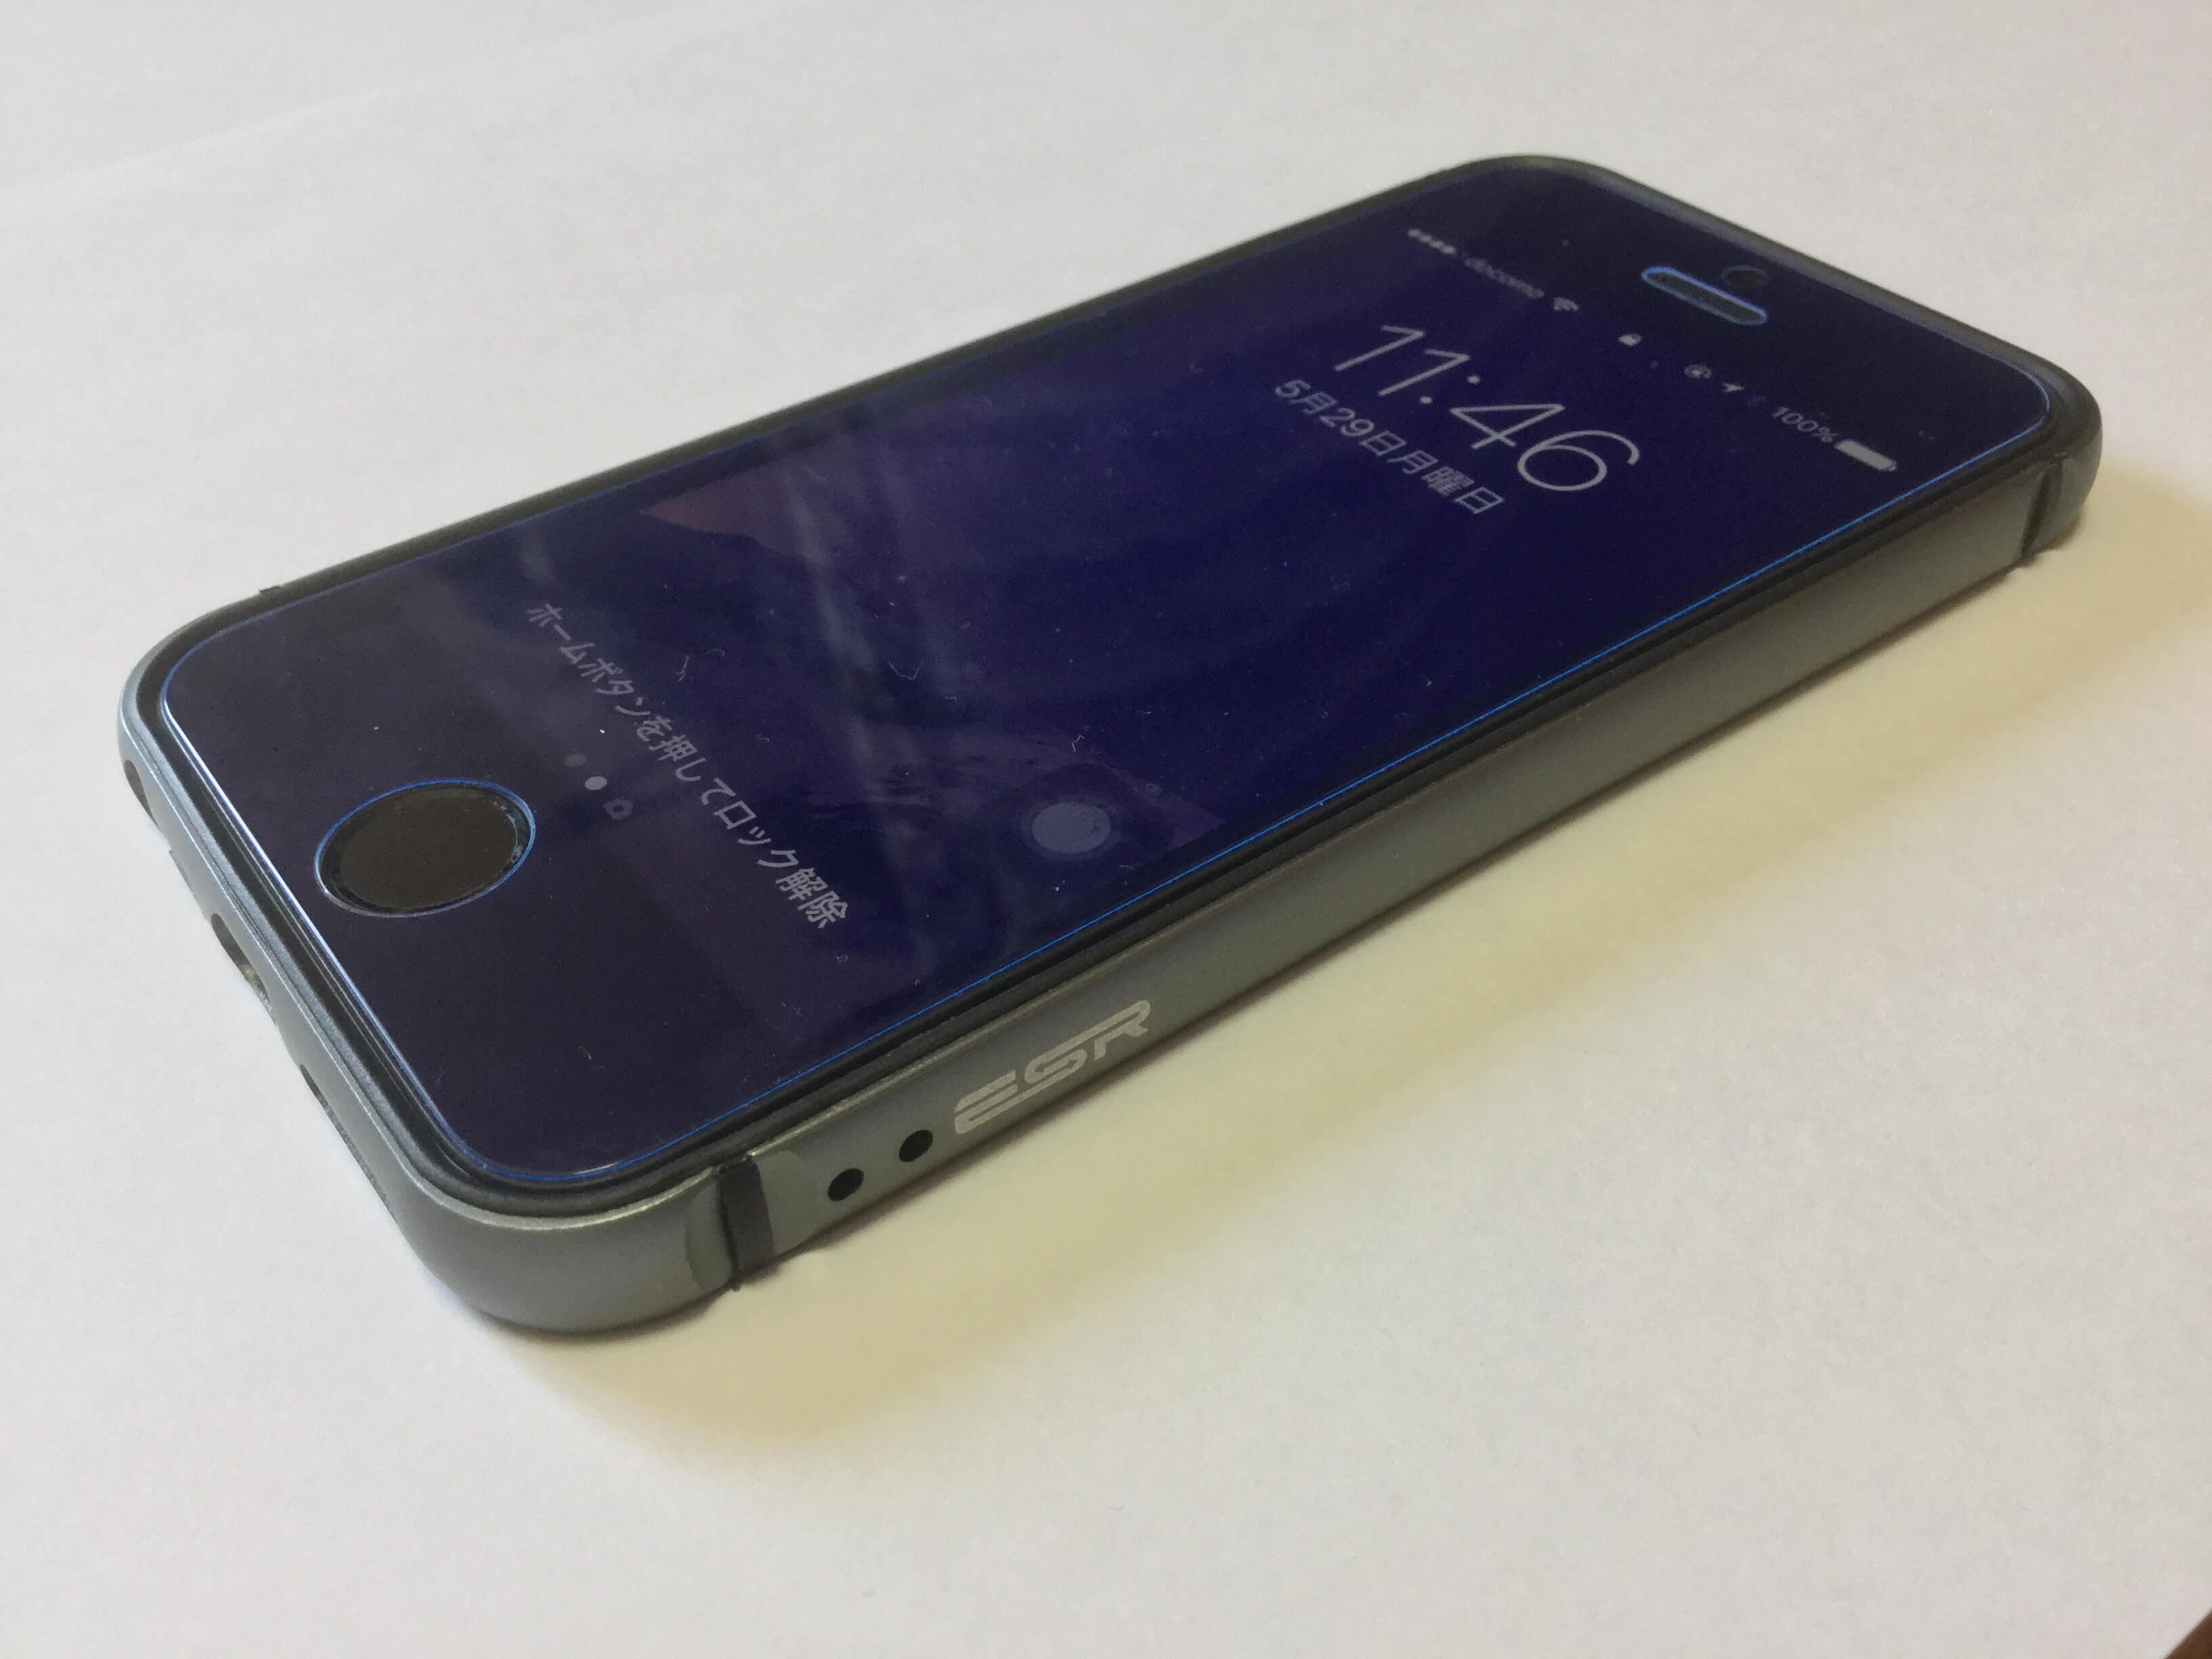 ESRのiPhone SE用ケース(アルミバンパー)を購入レビュー!シンプル・キレイで、大満足です!